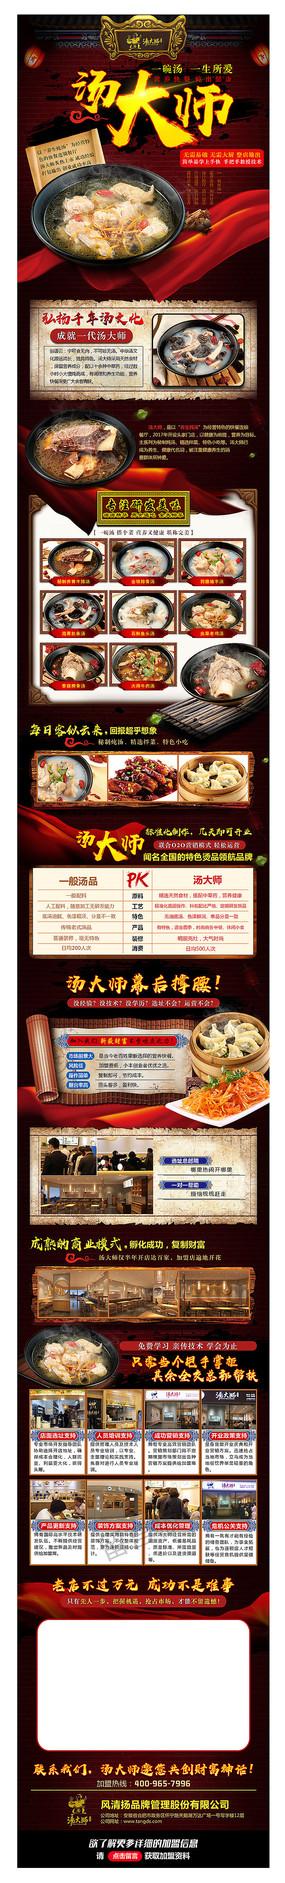 中国风餐饮详情招商页面 PSD